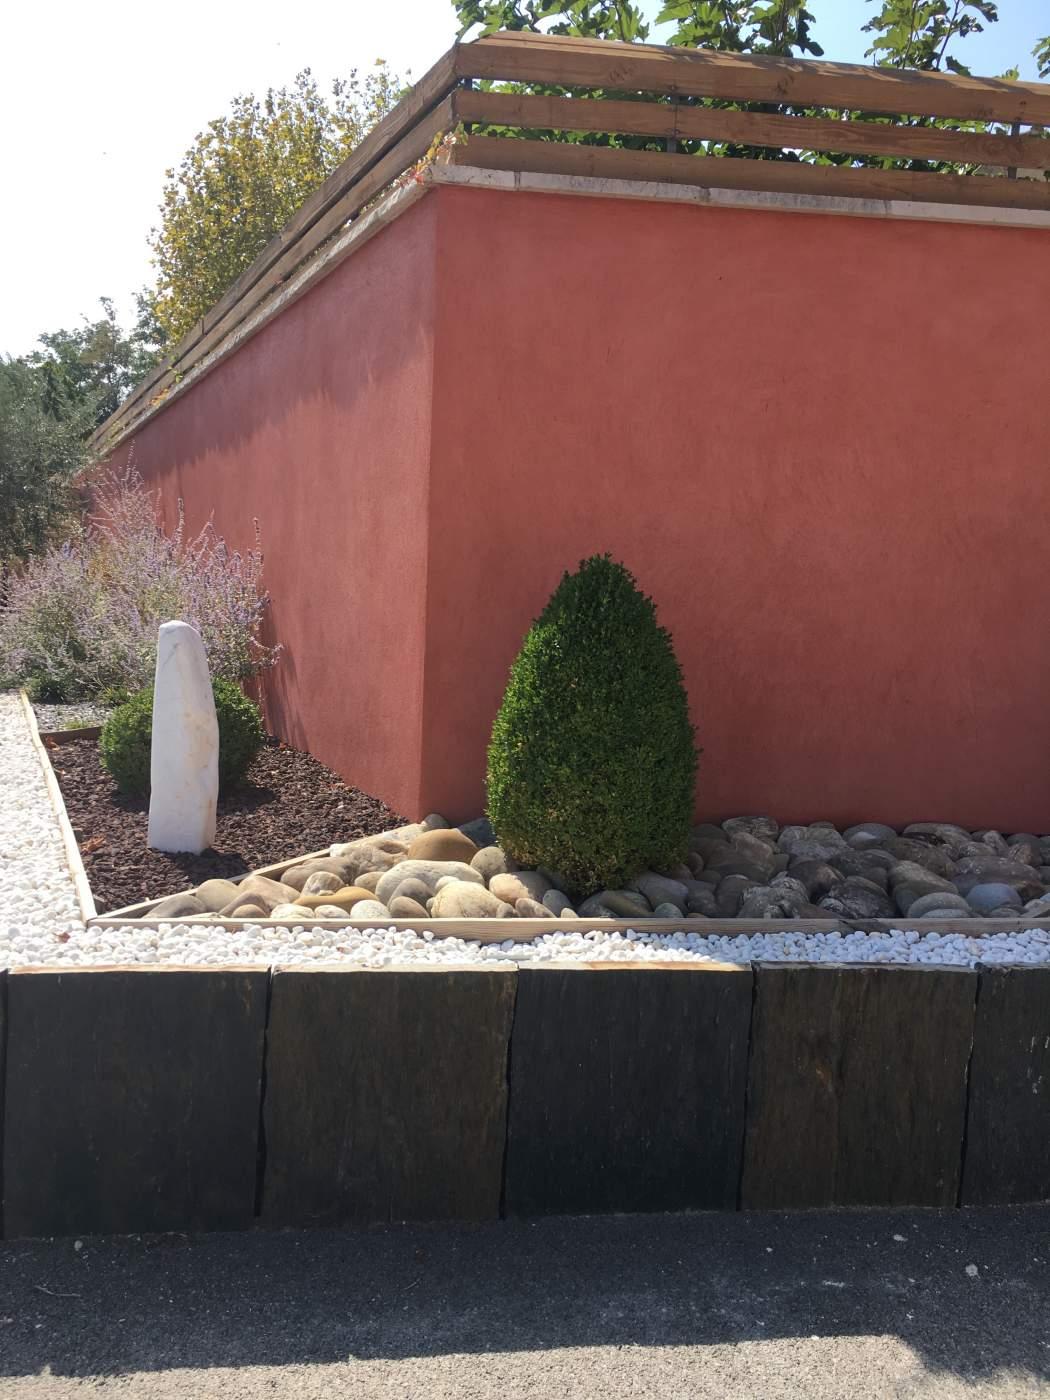 Vente de dalle de schiste pour ext rieur eguilles for Dalle de pierre pour interieur